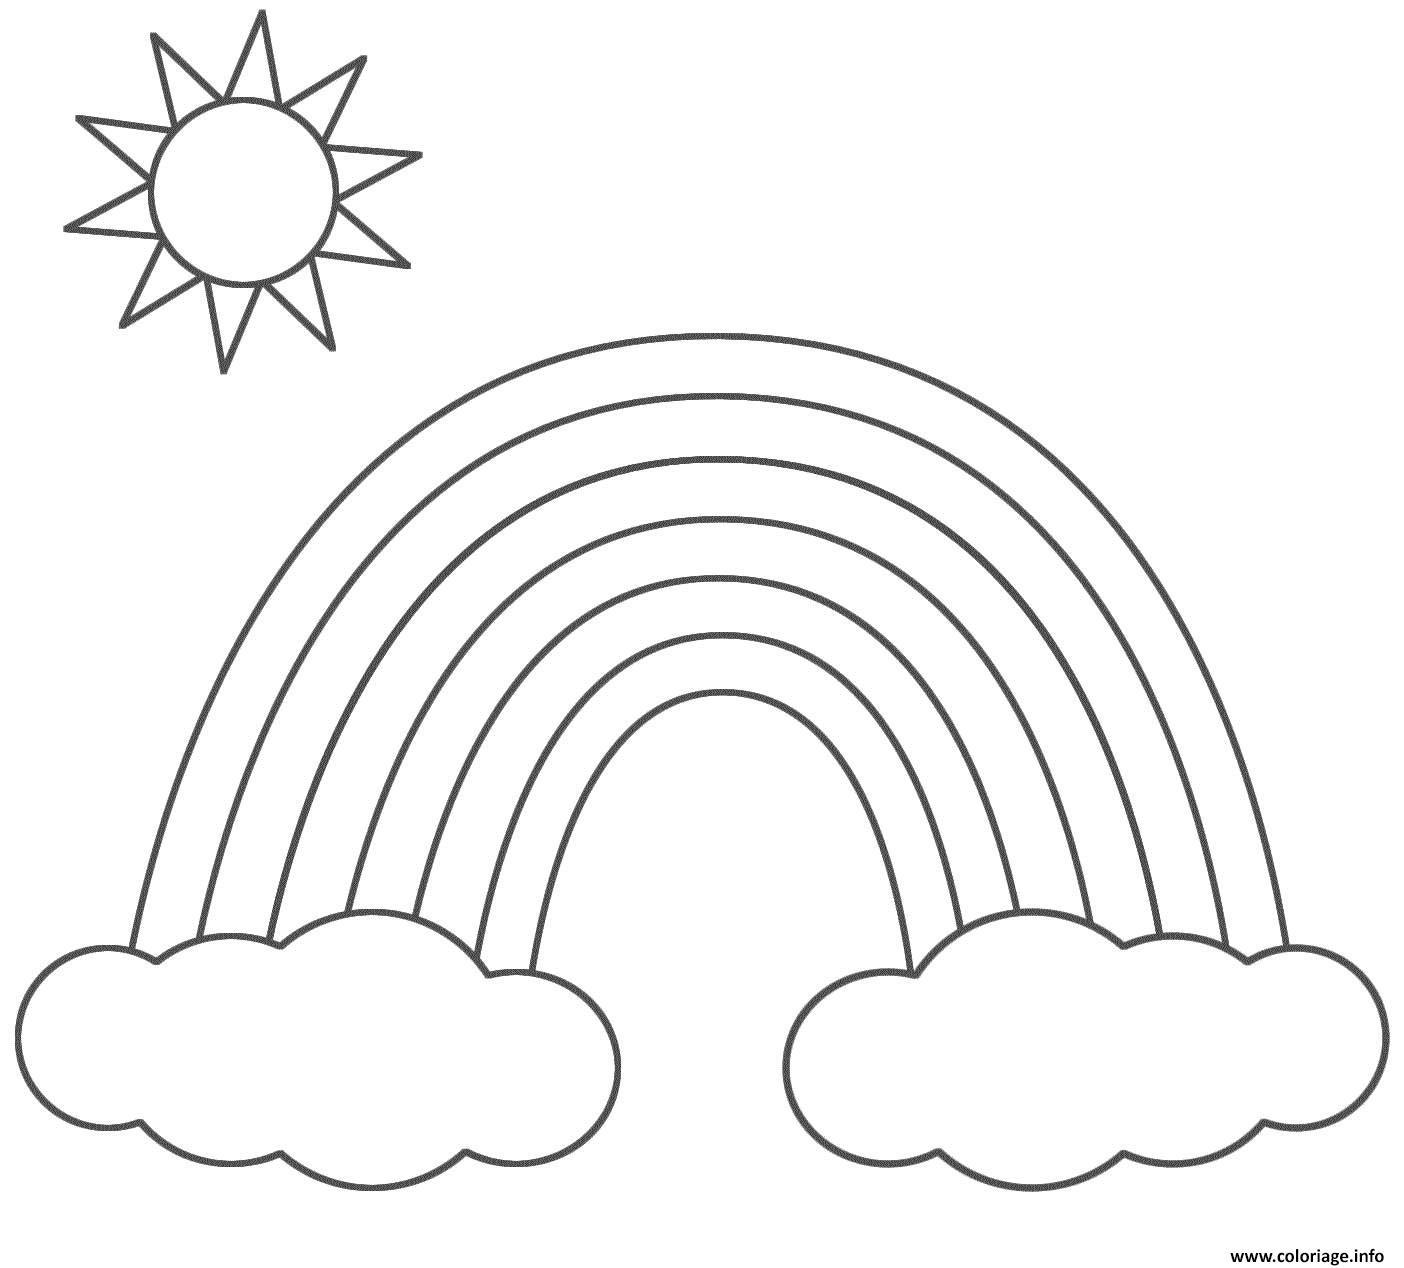 Coloriage arc en ciel nuage et soleil - Arc en ciel dessin a colorier ...